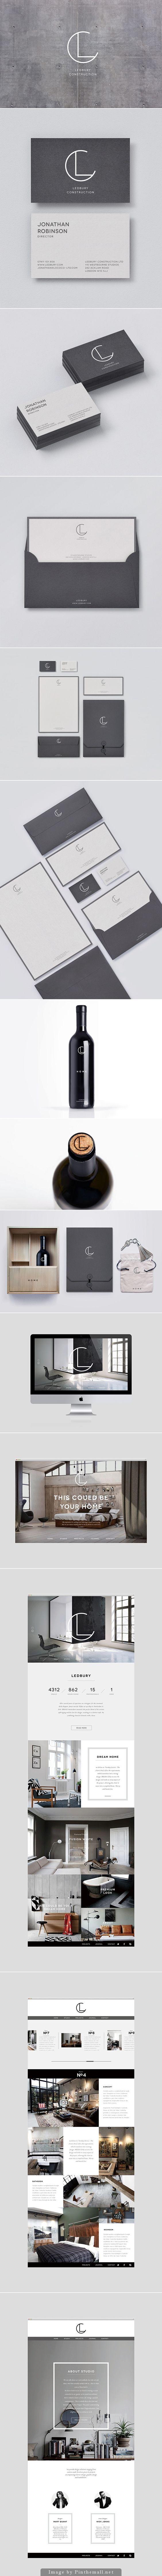 Identité visuelle | Ledburry construction: